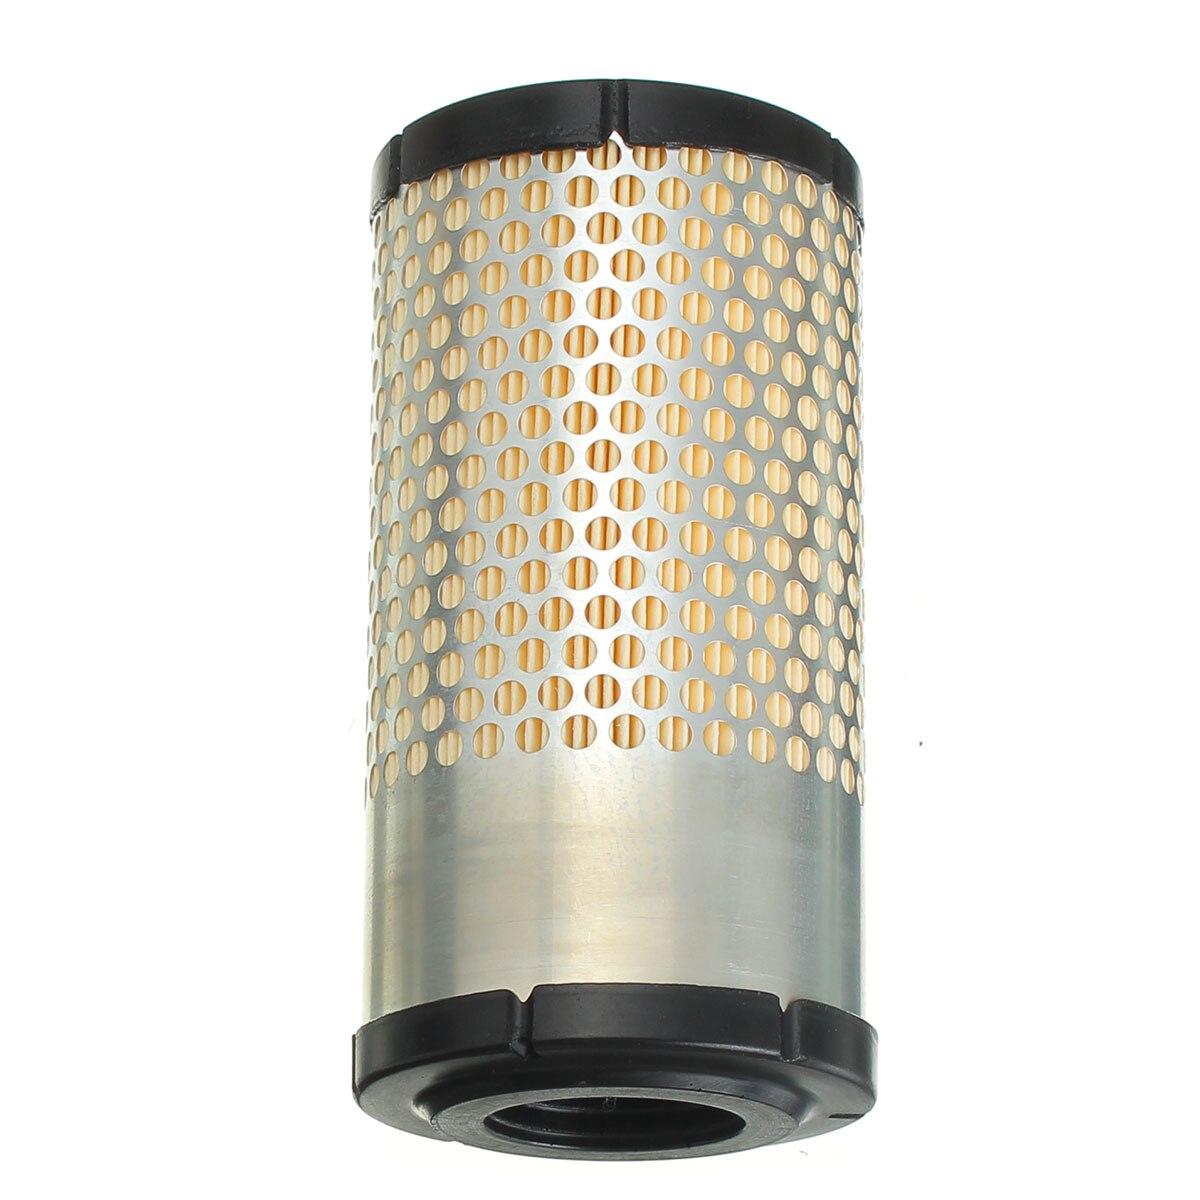 9 cm okrągły filtr powietrza dla KUBOTA 6C060-99410 B1VPD7397 B1610 B2100 B2710 2910 B3030